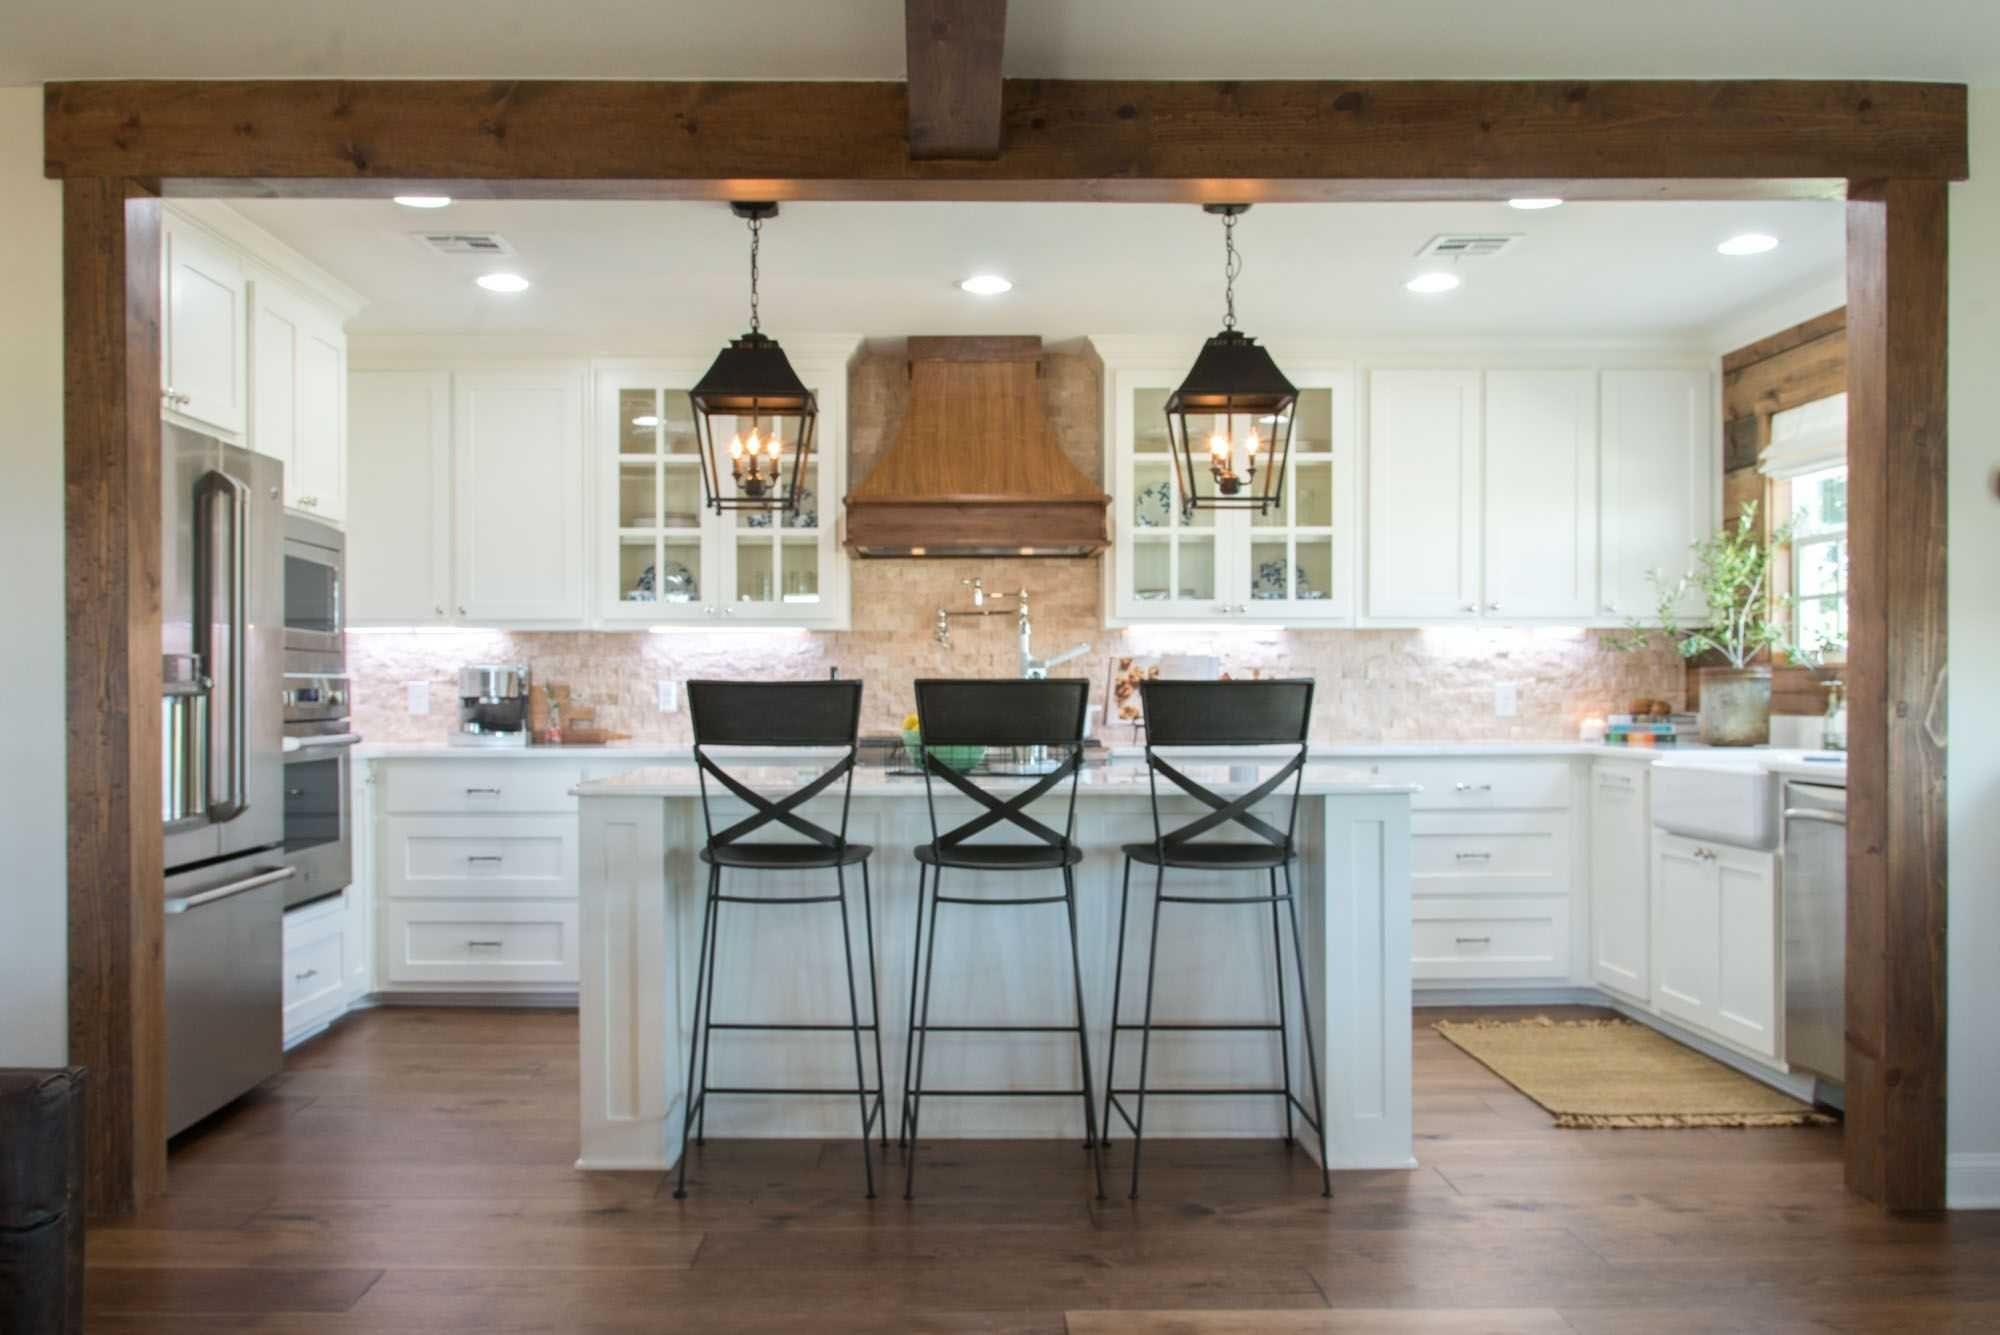 Wide Galley Kitchen Ideas Elegant Wide Galley Kitchen Ideas The